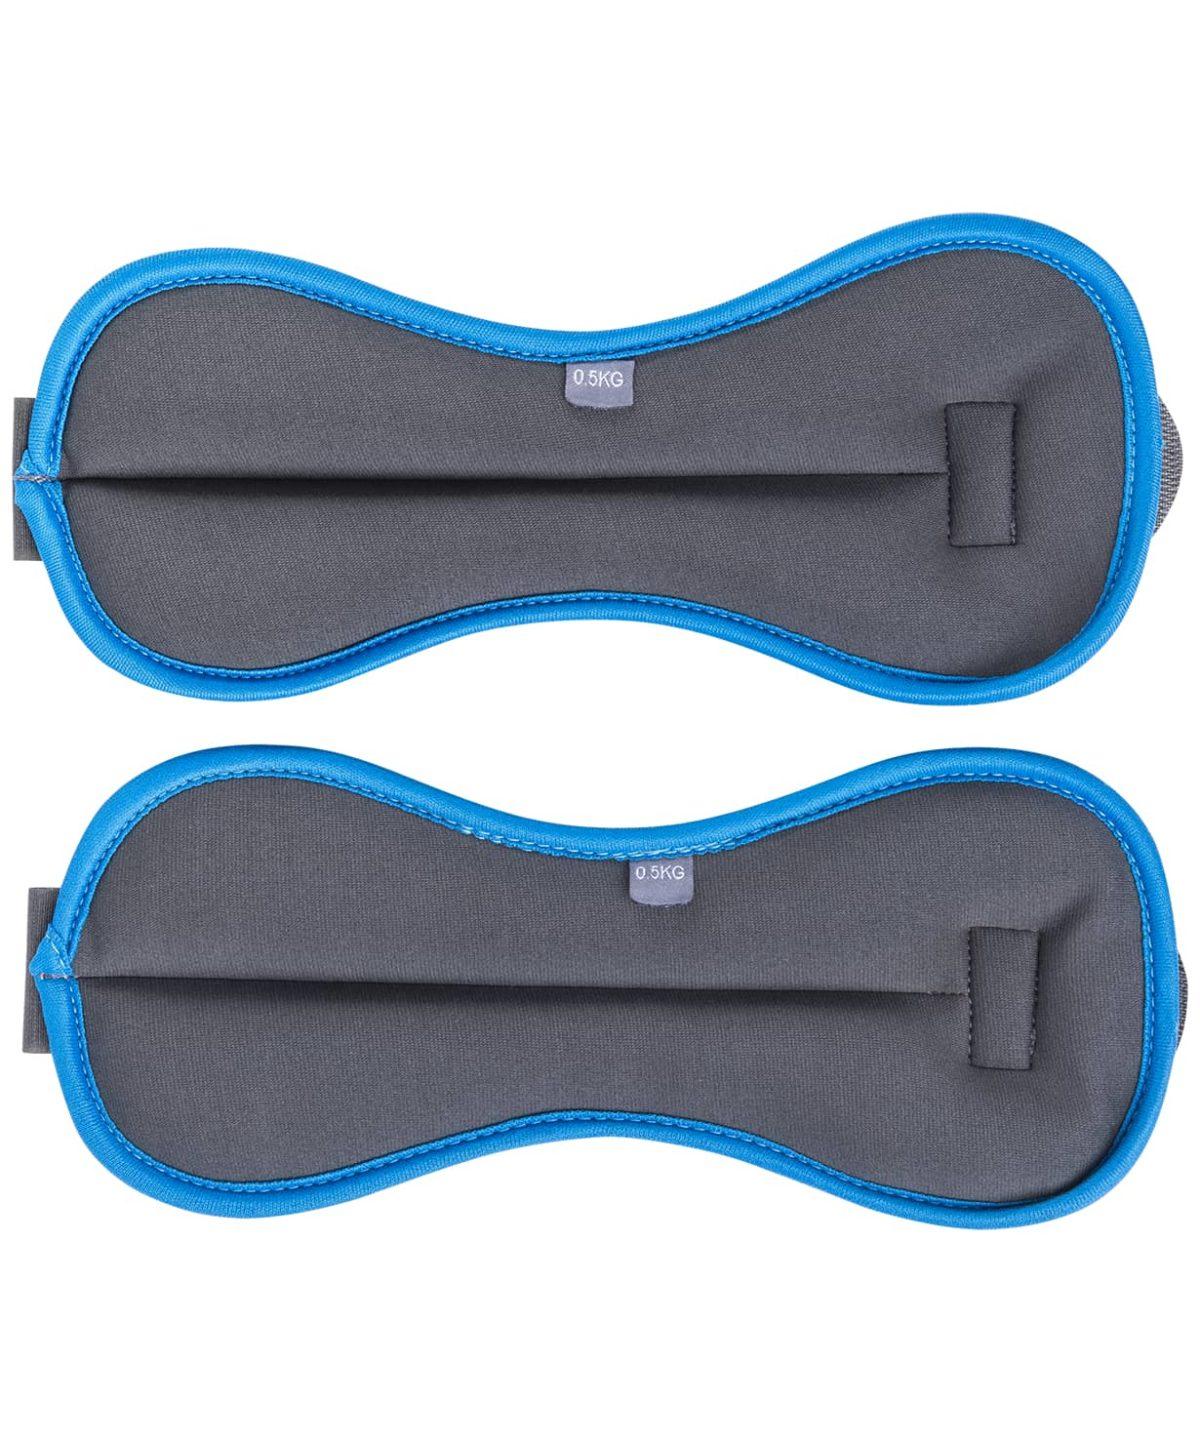 STARFIT Утяжелители универсальные, 1,5 кг WT-501: чёрный/синий - 2